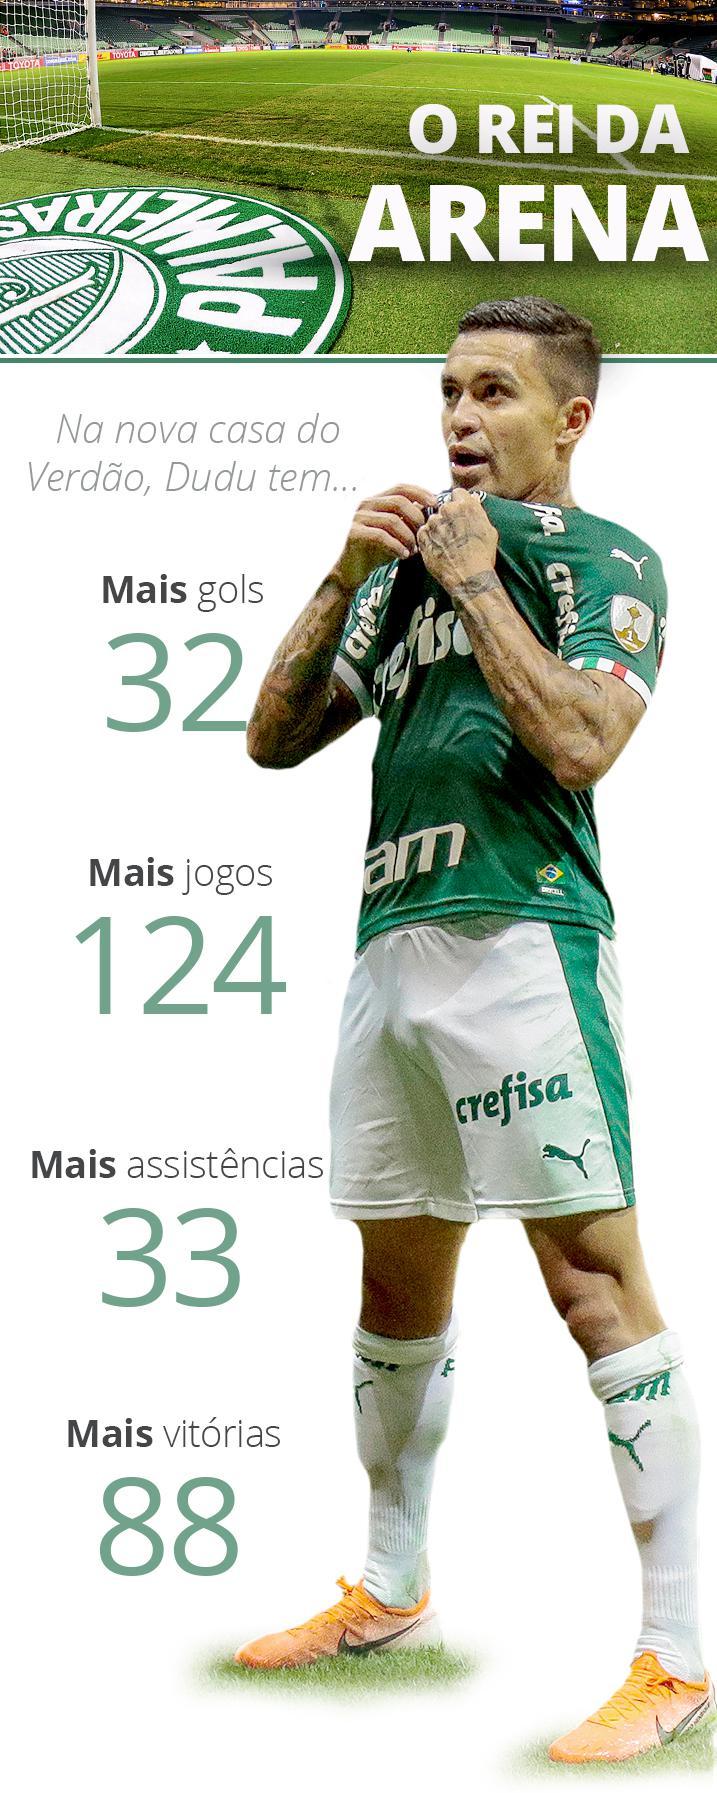 Dudu Rei da Arena - GloboEsporte.com